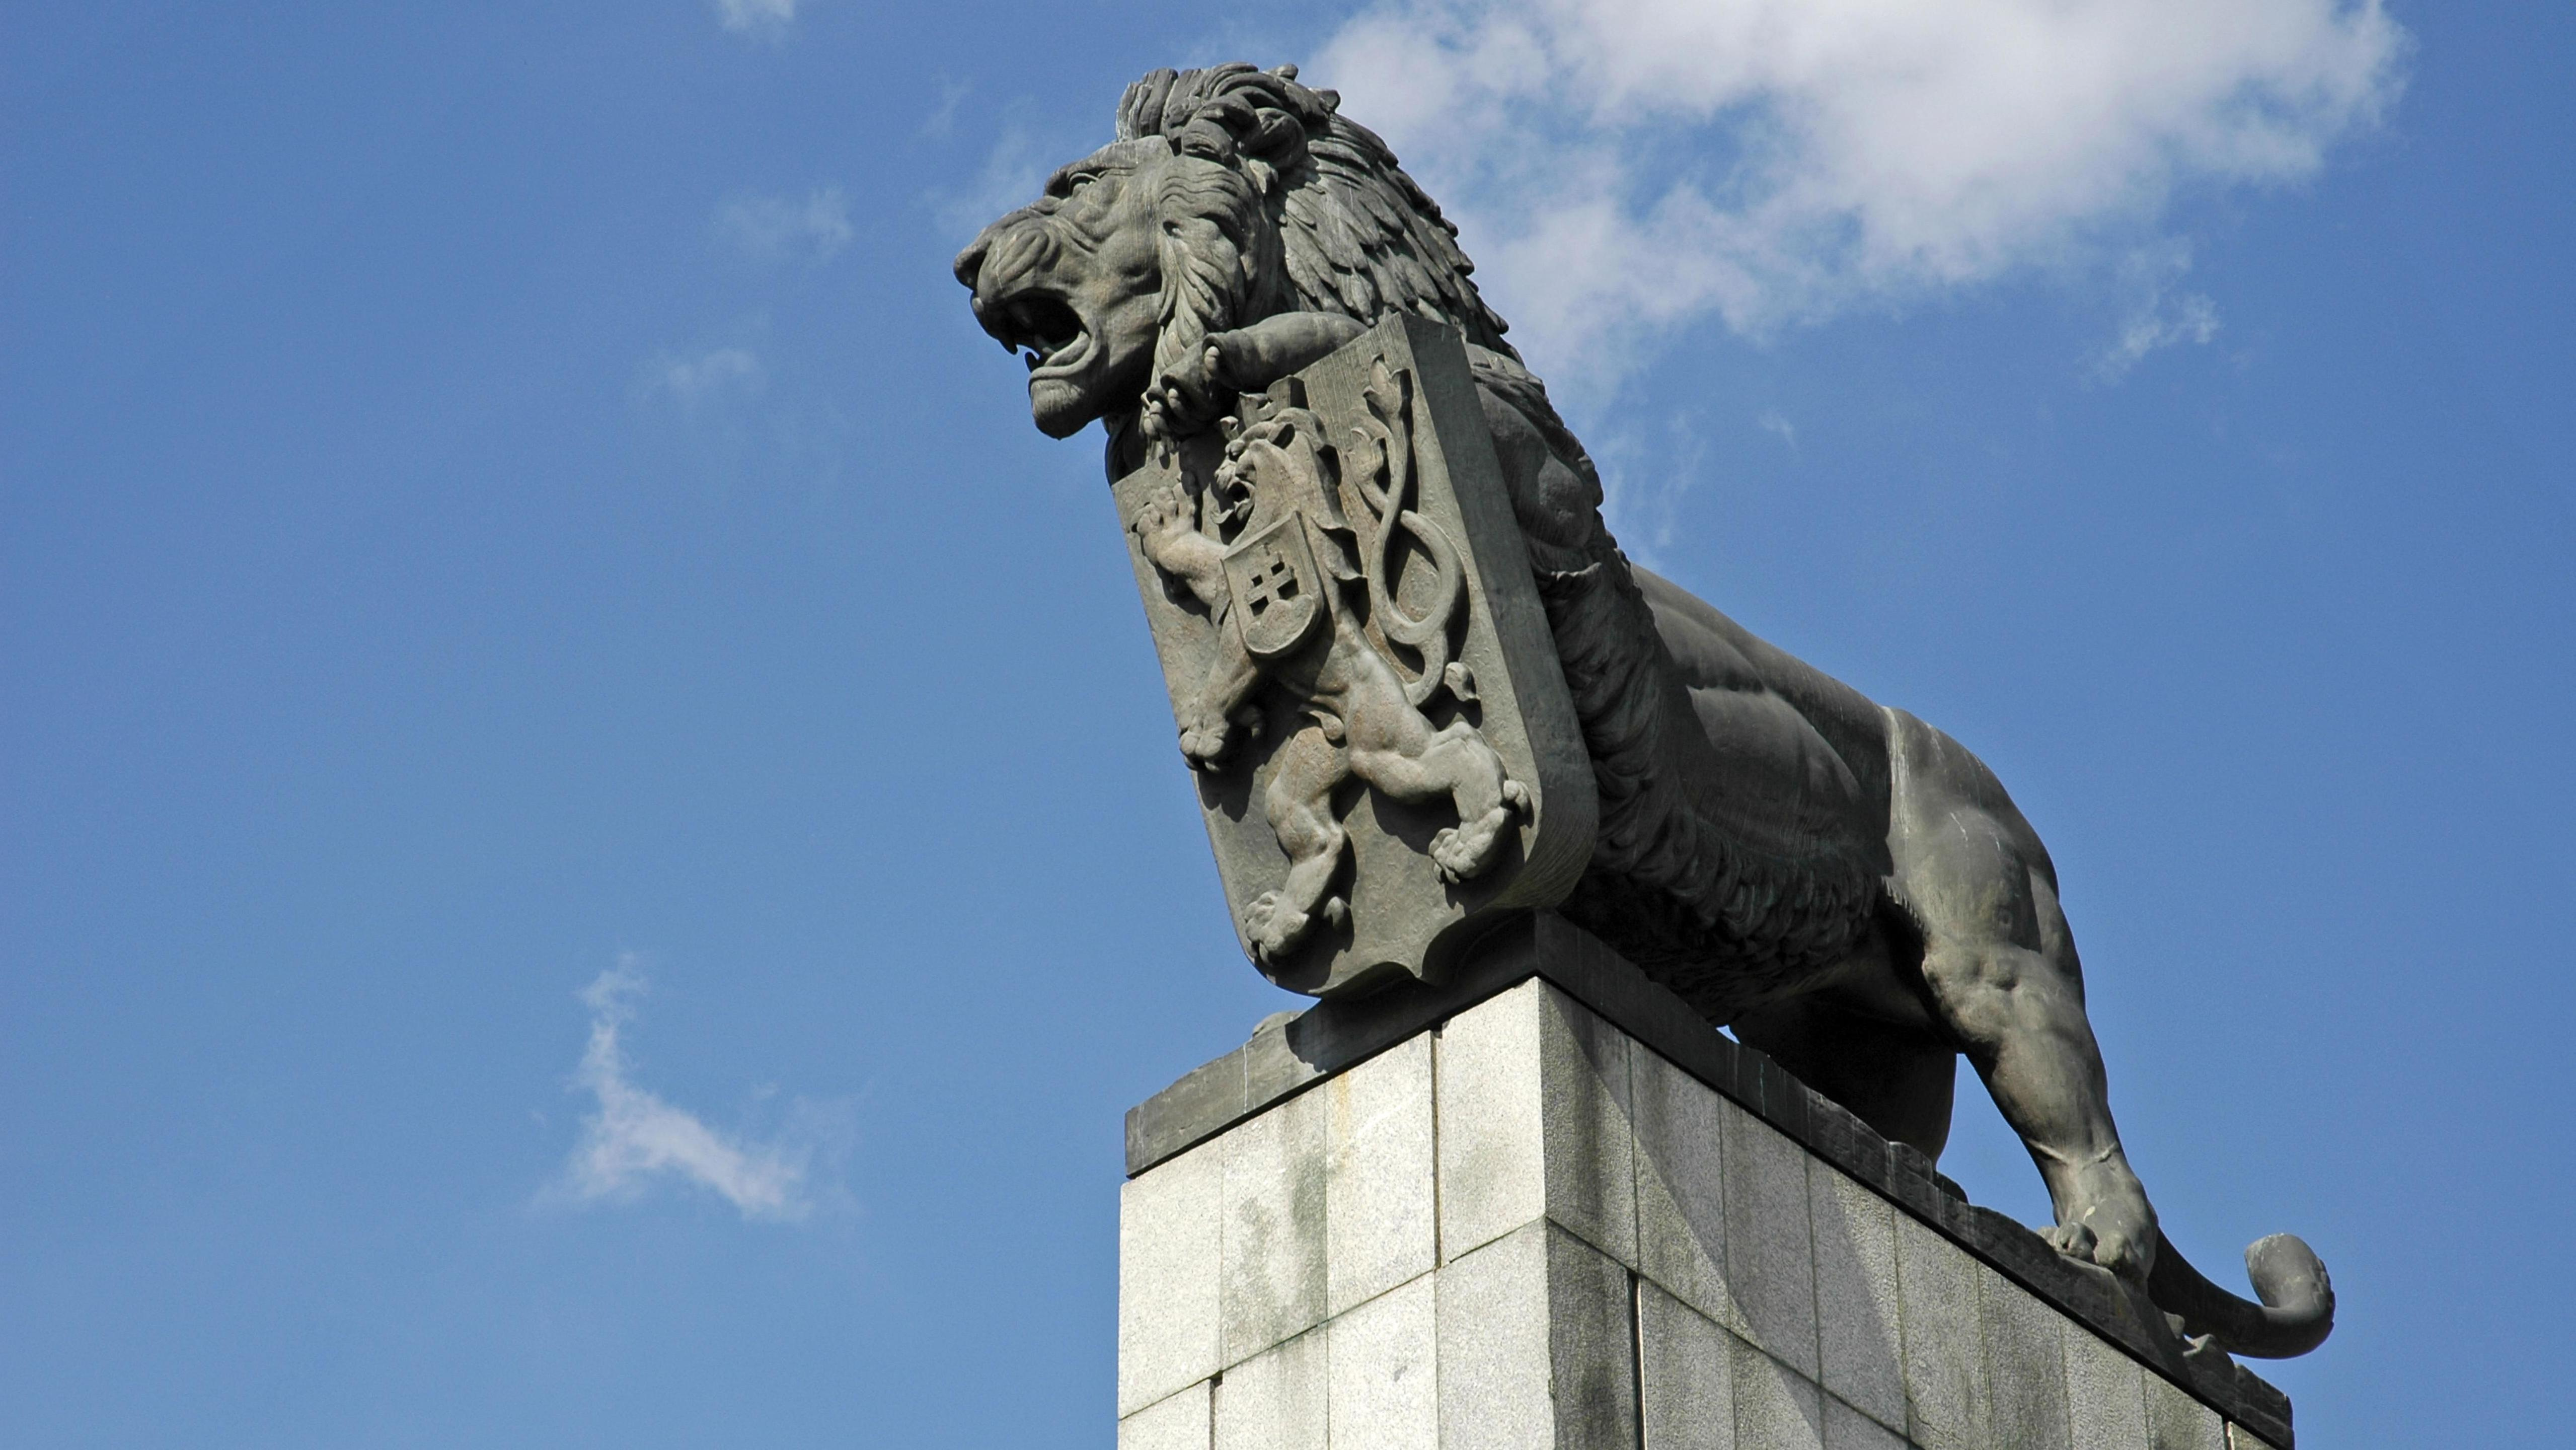 Der Löwe, das Wappentier der Tschechoslowakei, vor dem slowakischen Nationalmuseum in Bratislawa.